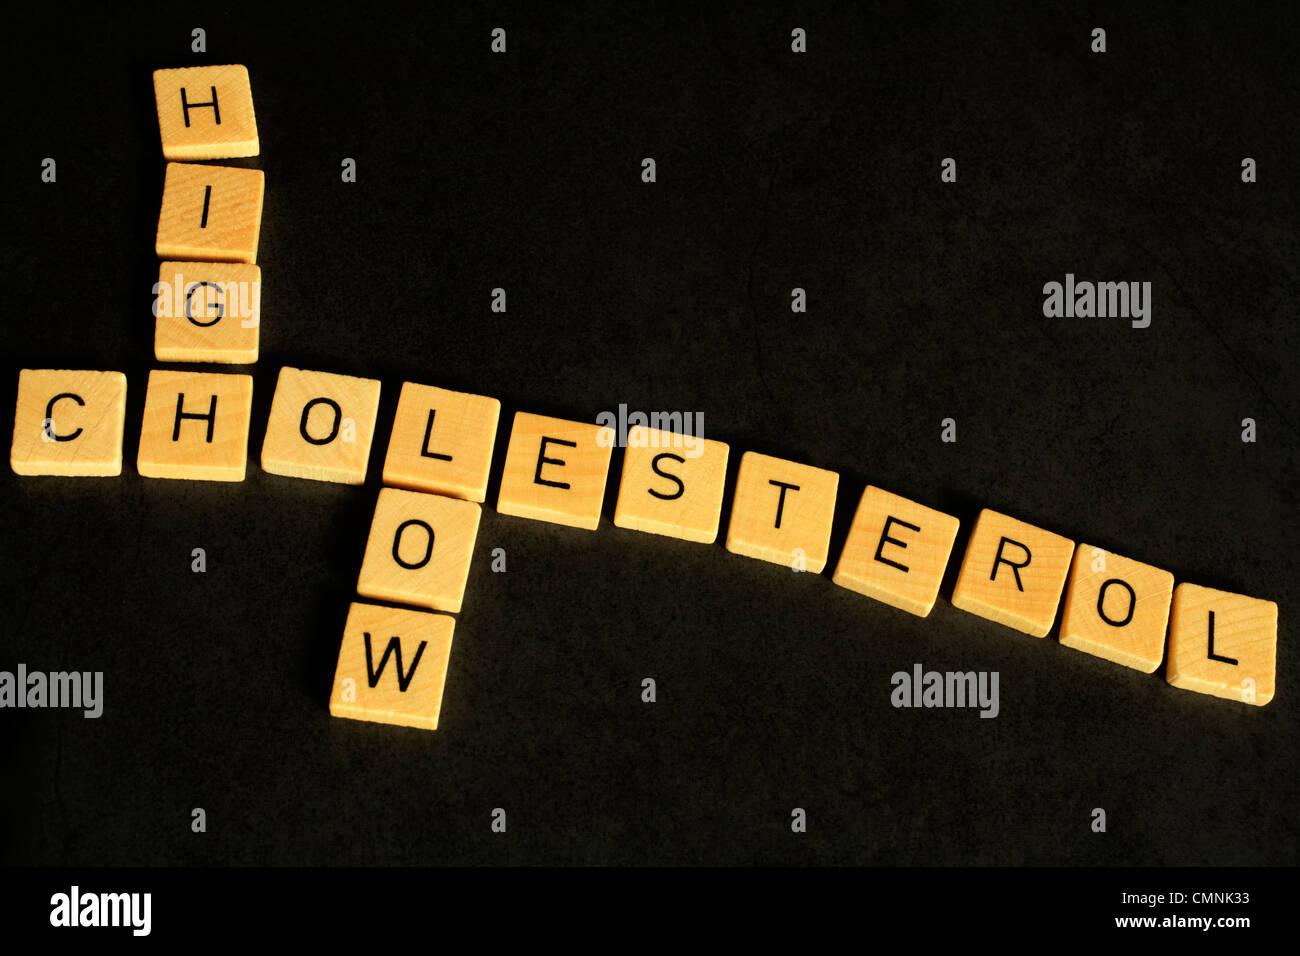 Un regard sur le cholestérol, avec les mots de haut et bas que dans un jeu de mots croisés. Sur un fond Photo Stock